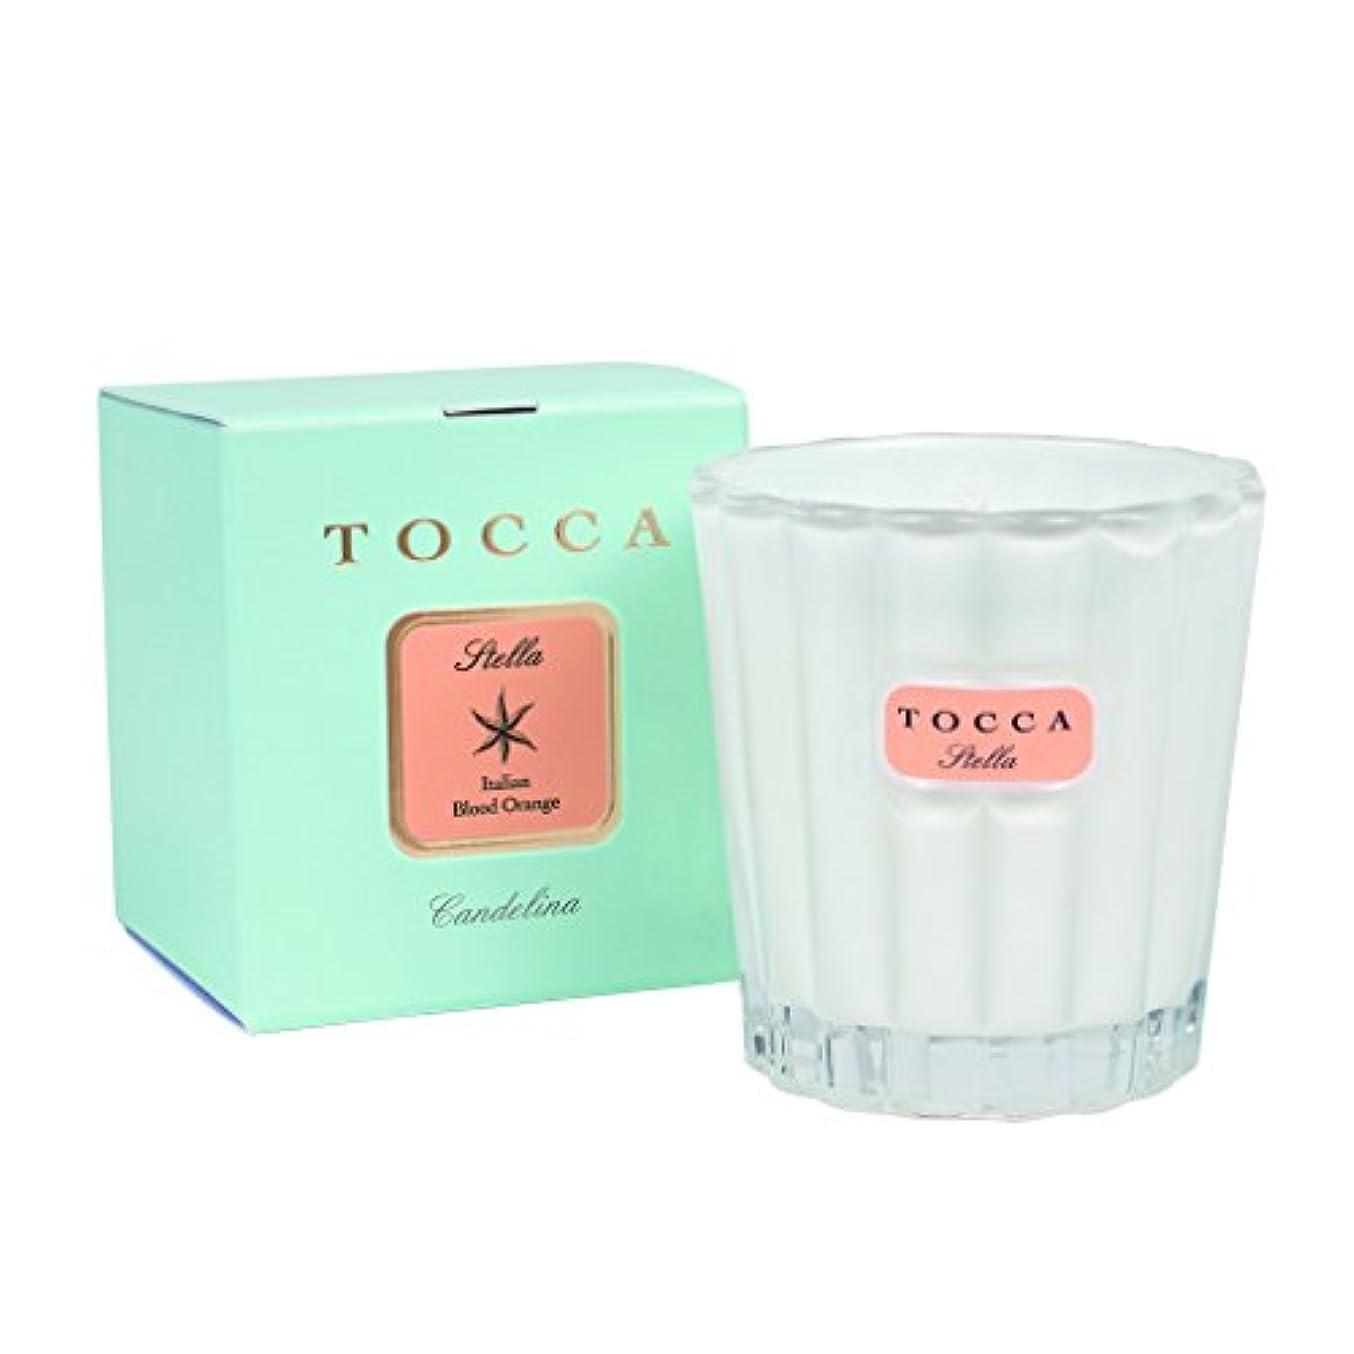 編集するランタン汚染するトッカ(TOCCA) キャンデリーナ ステラ 88g (キャンドル ろうそく シトラス系でありながらほんのり甘く苦味を感じることのないさわやかな香り)